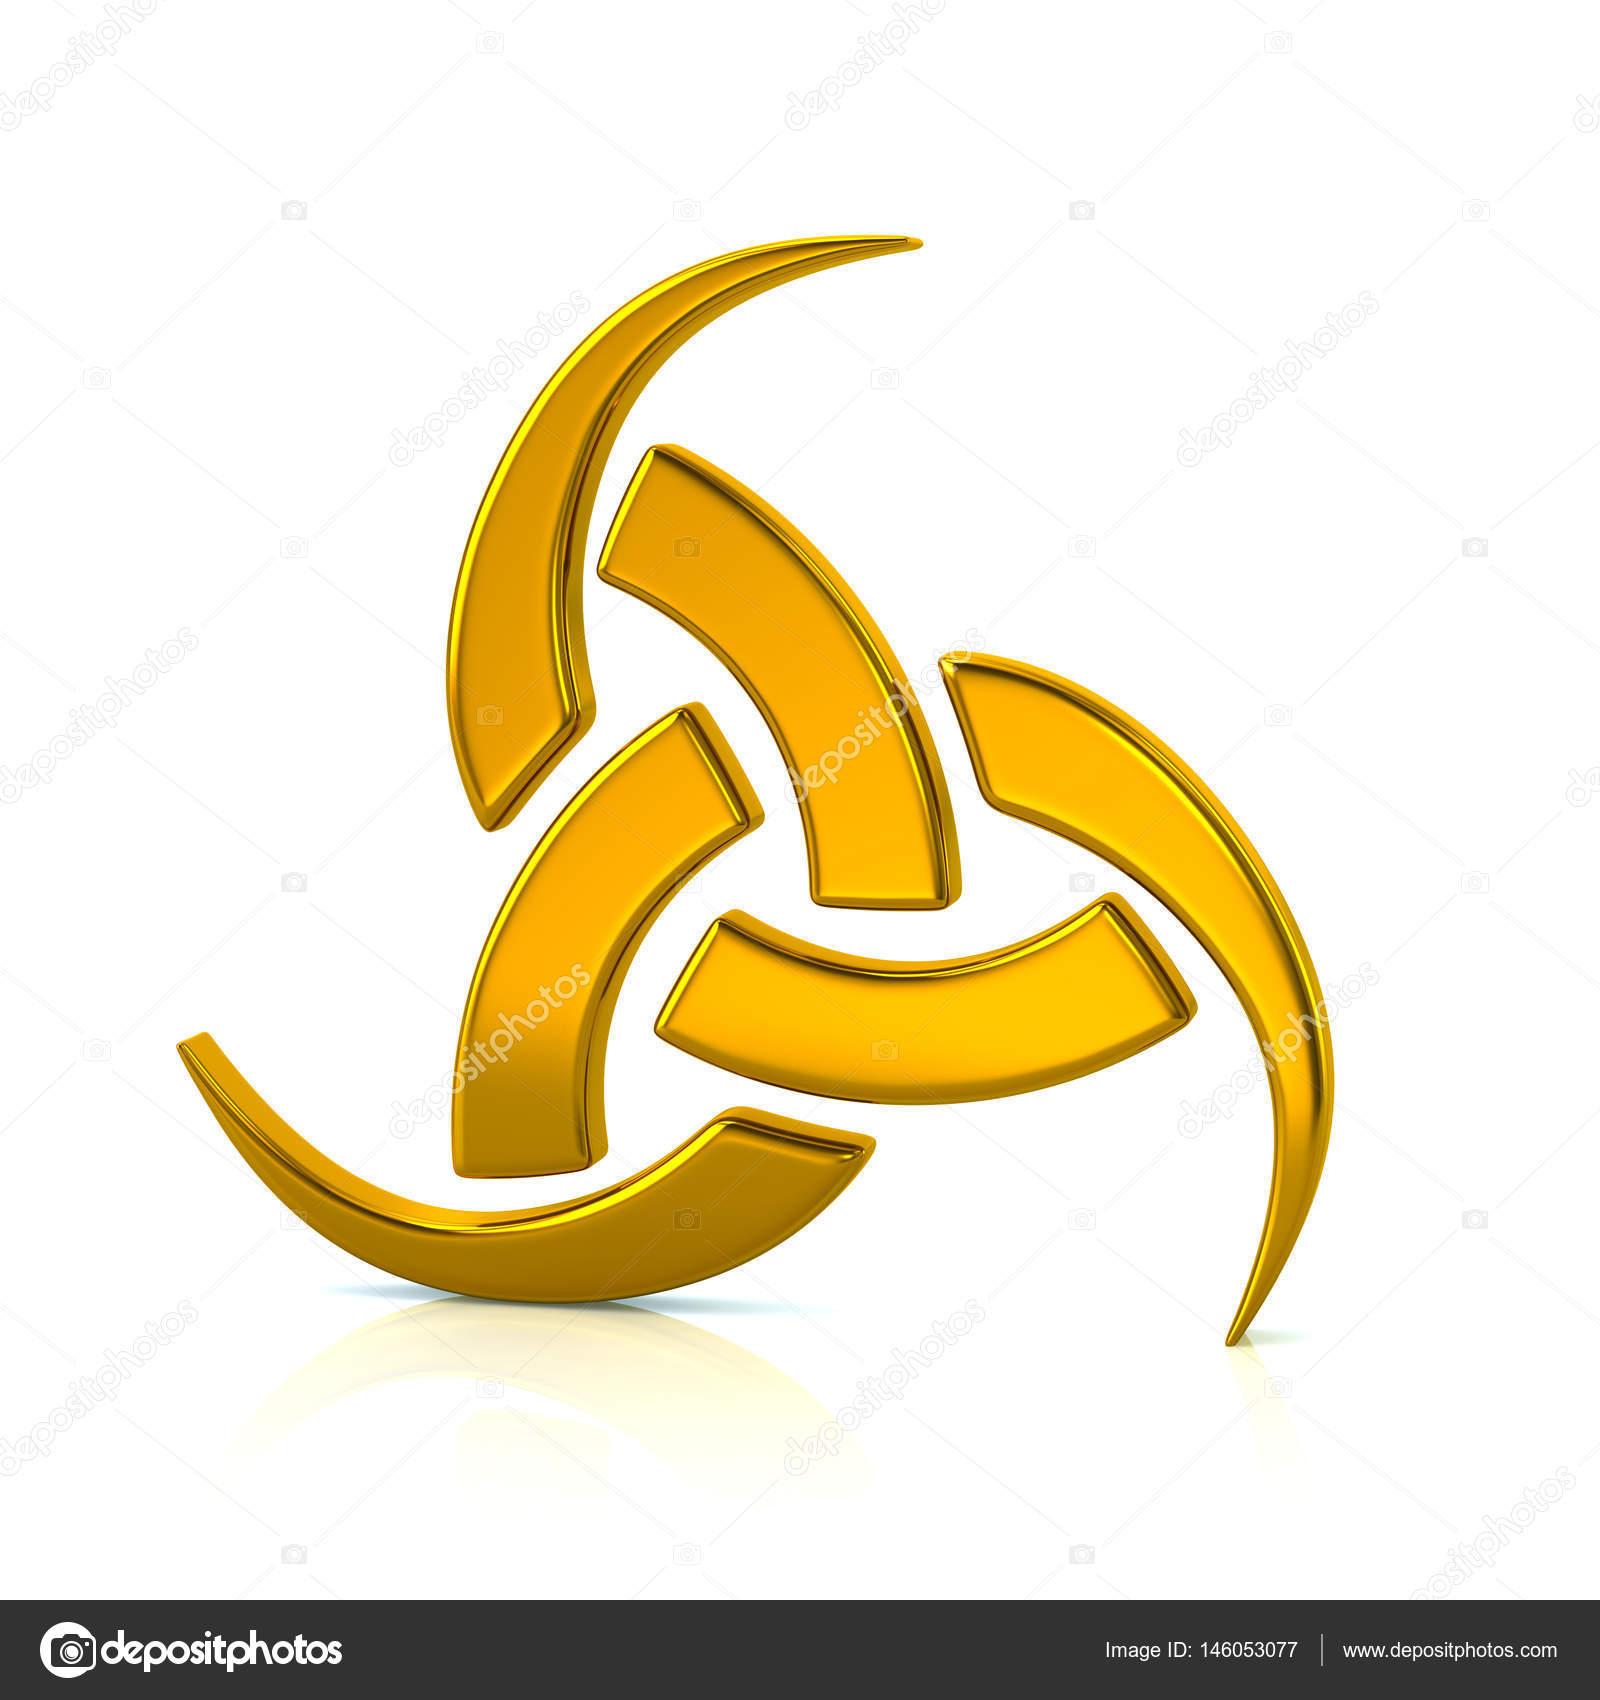 Golden triple horn of odin stock photo valdum 146053077 golden triple horn of odin stock photo buycottarizona